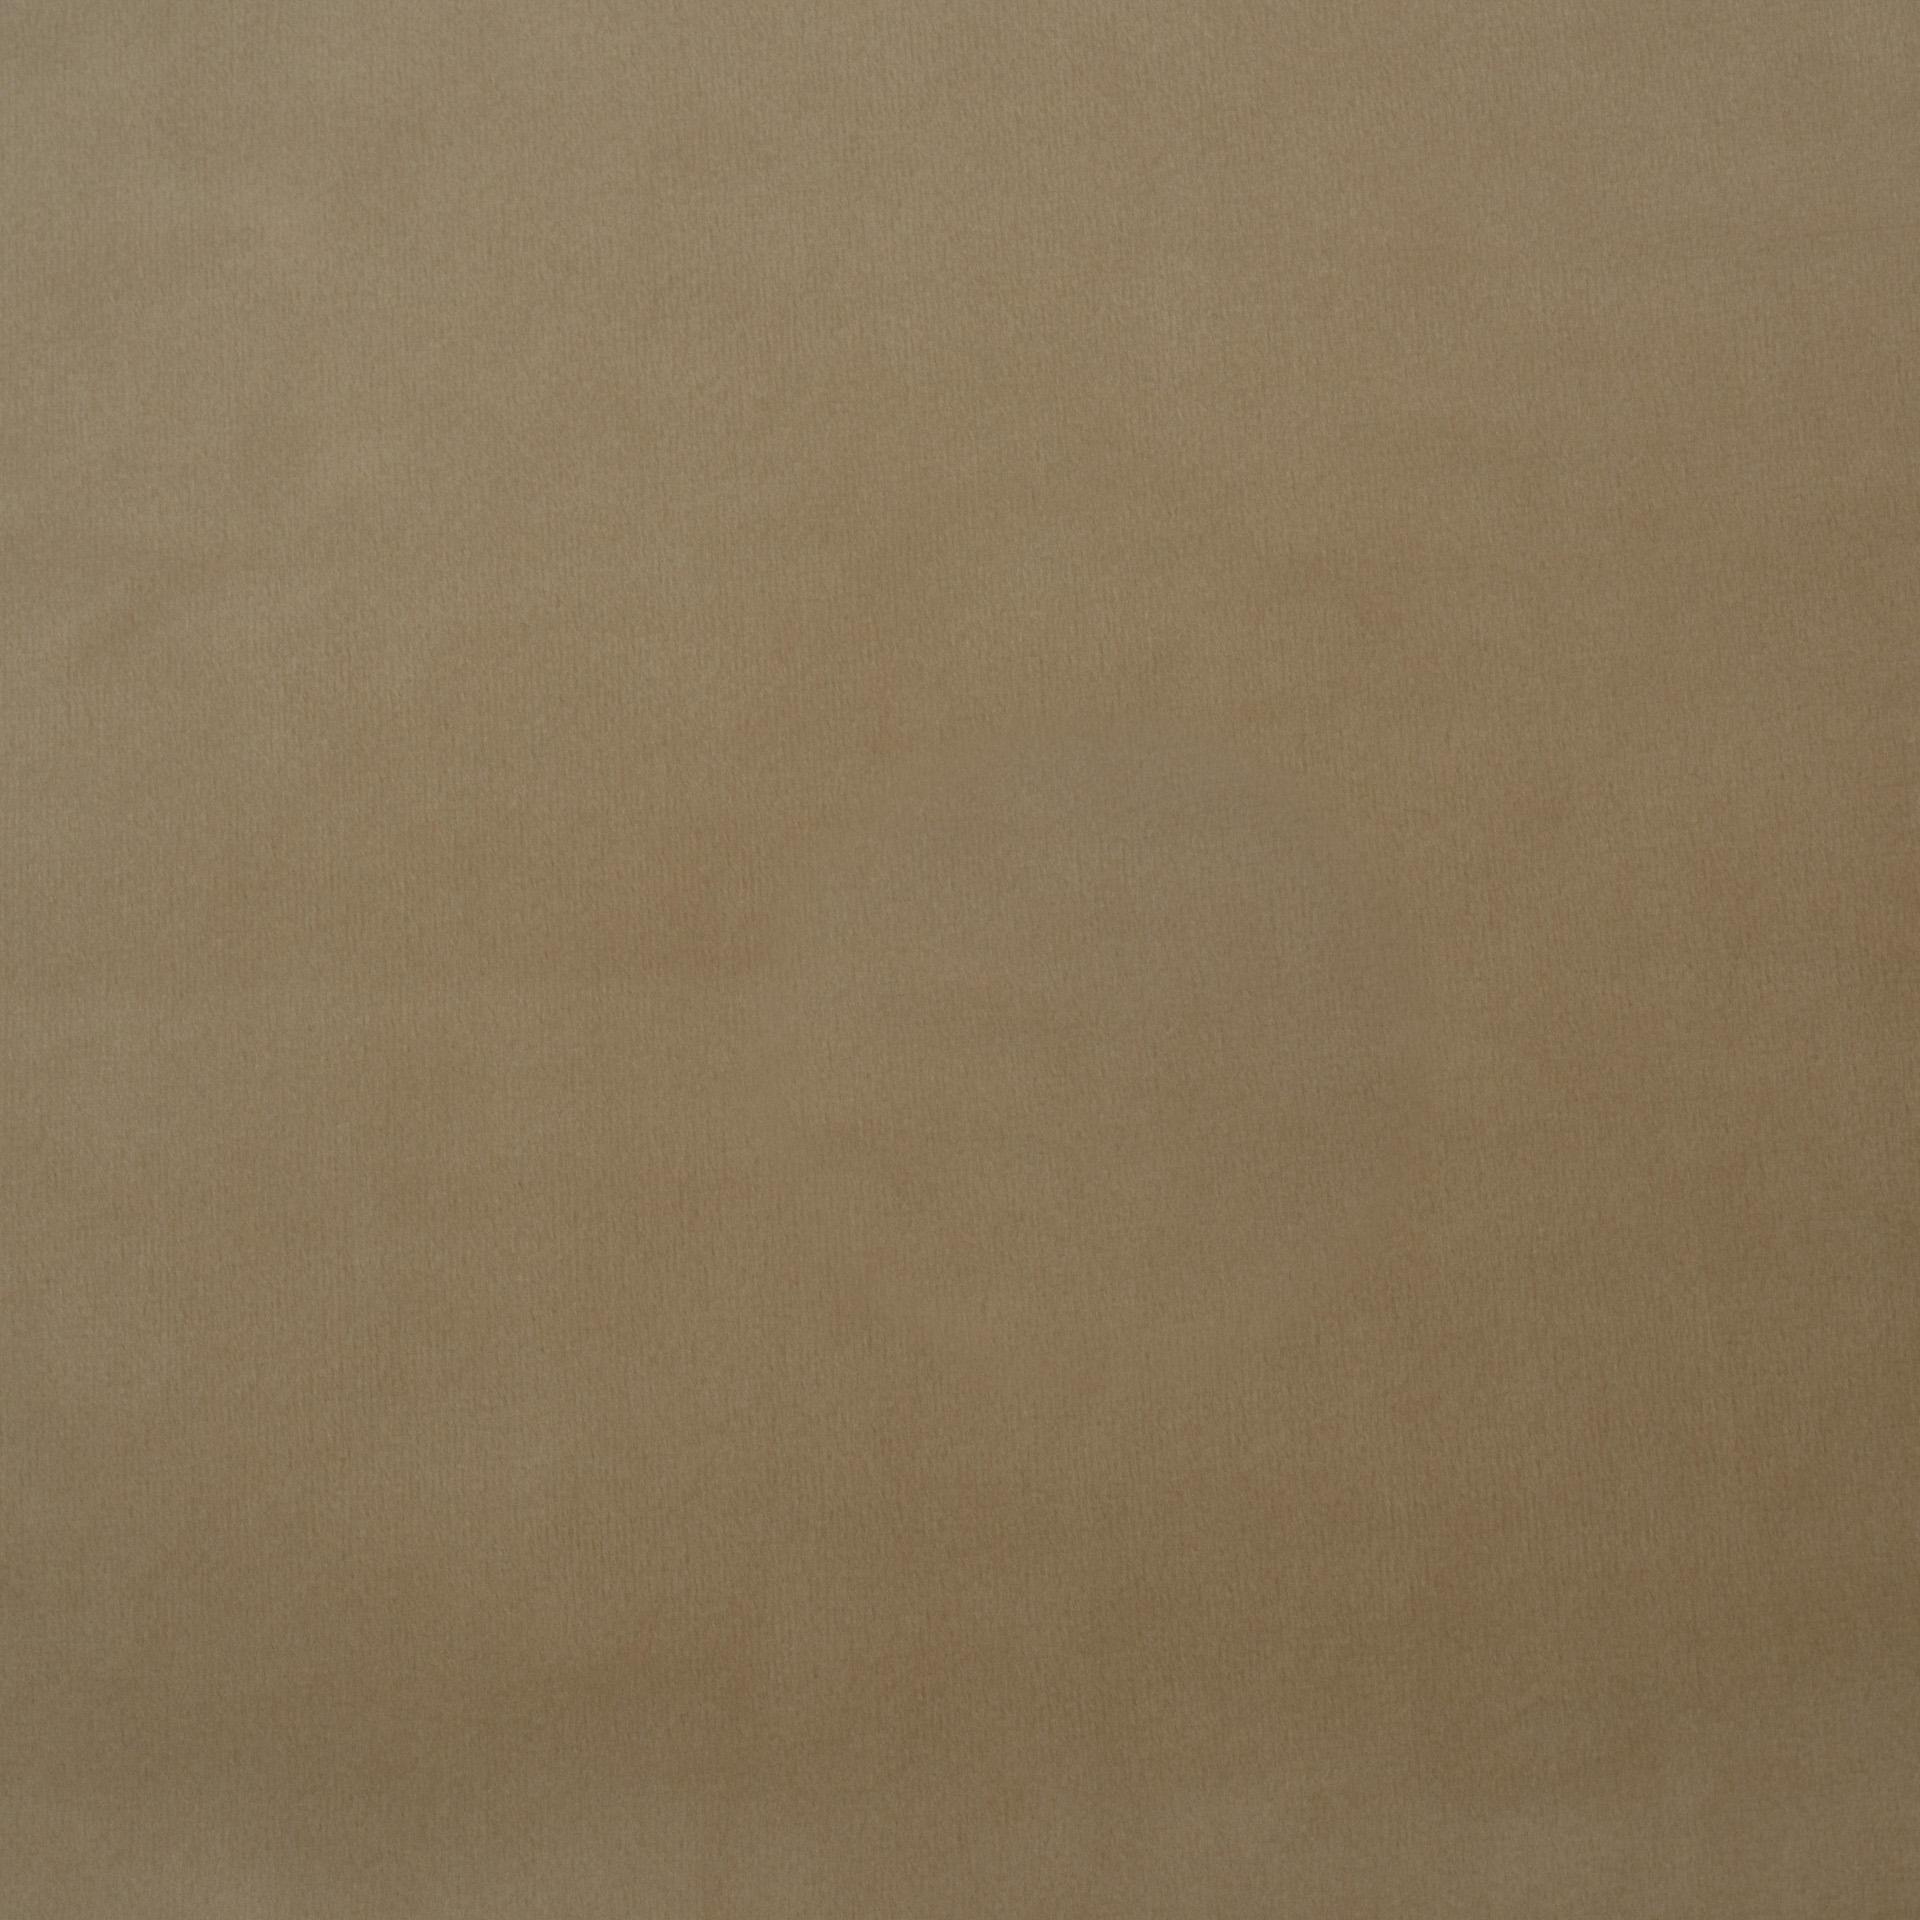 Коллекция ткани Альмира 13 SOFT IVORY,  купить ткань Велюр для мебели Украина